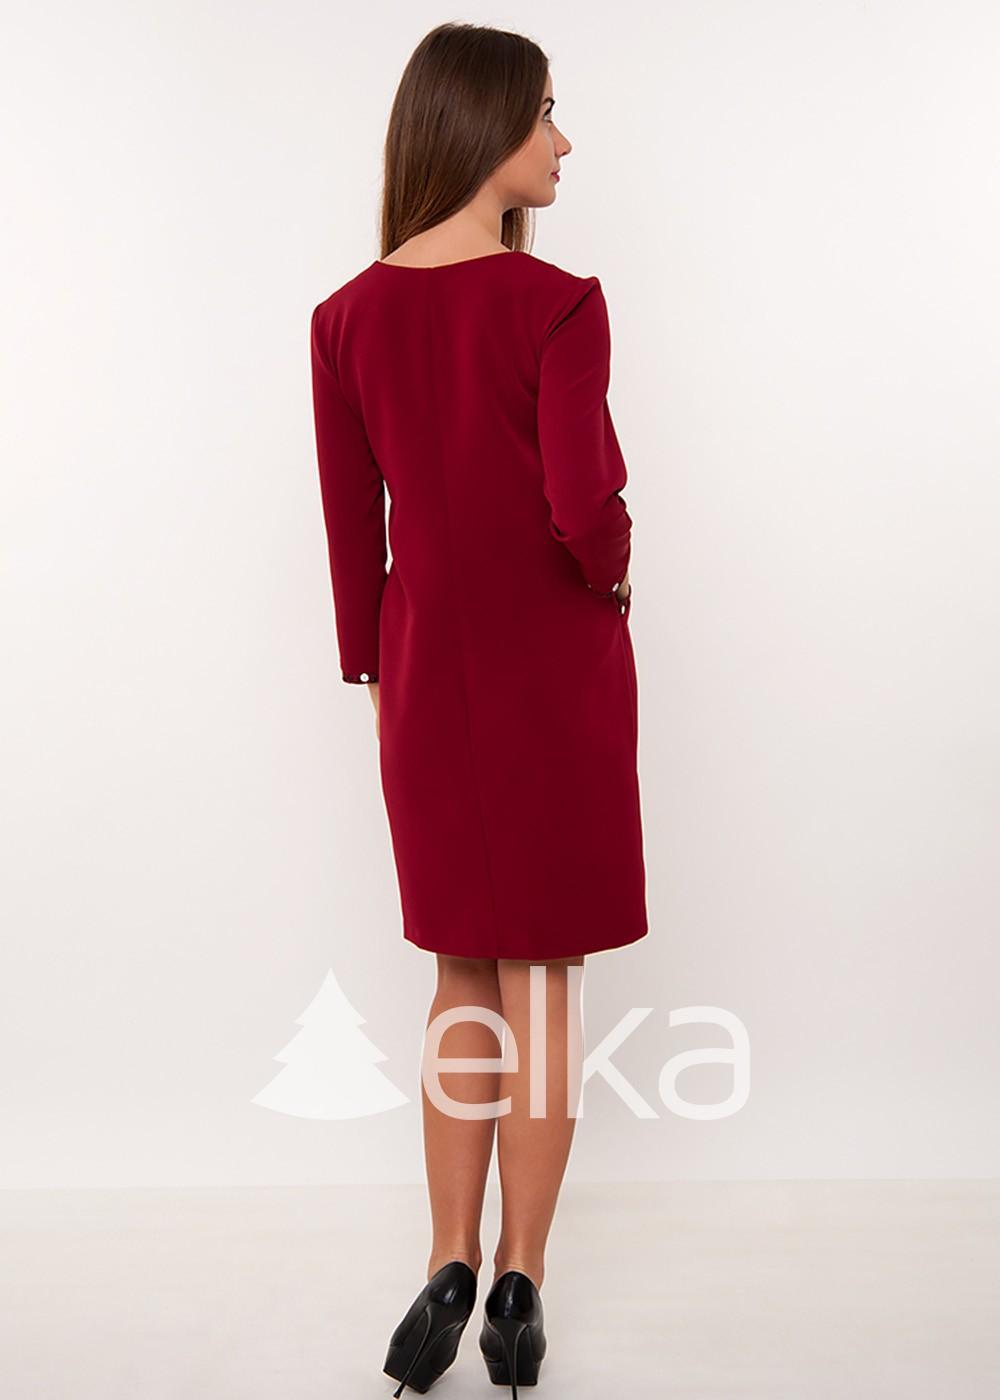 Платье вышиванка бордо